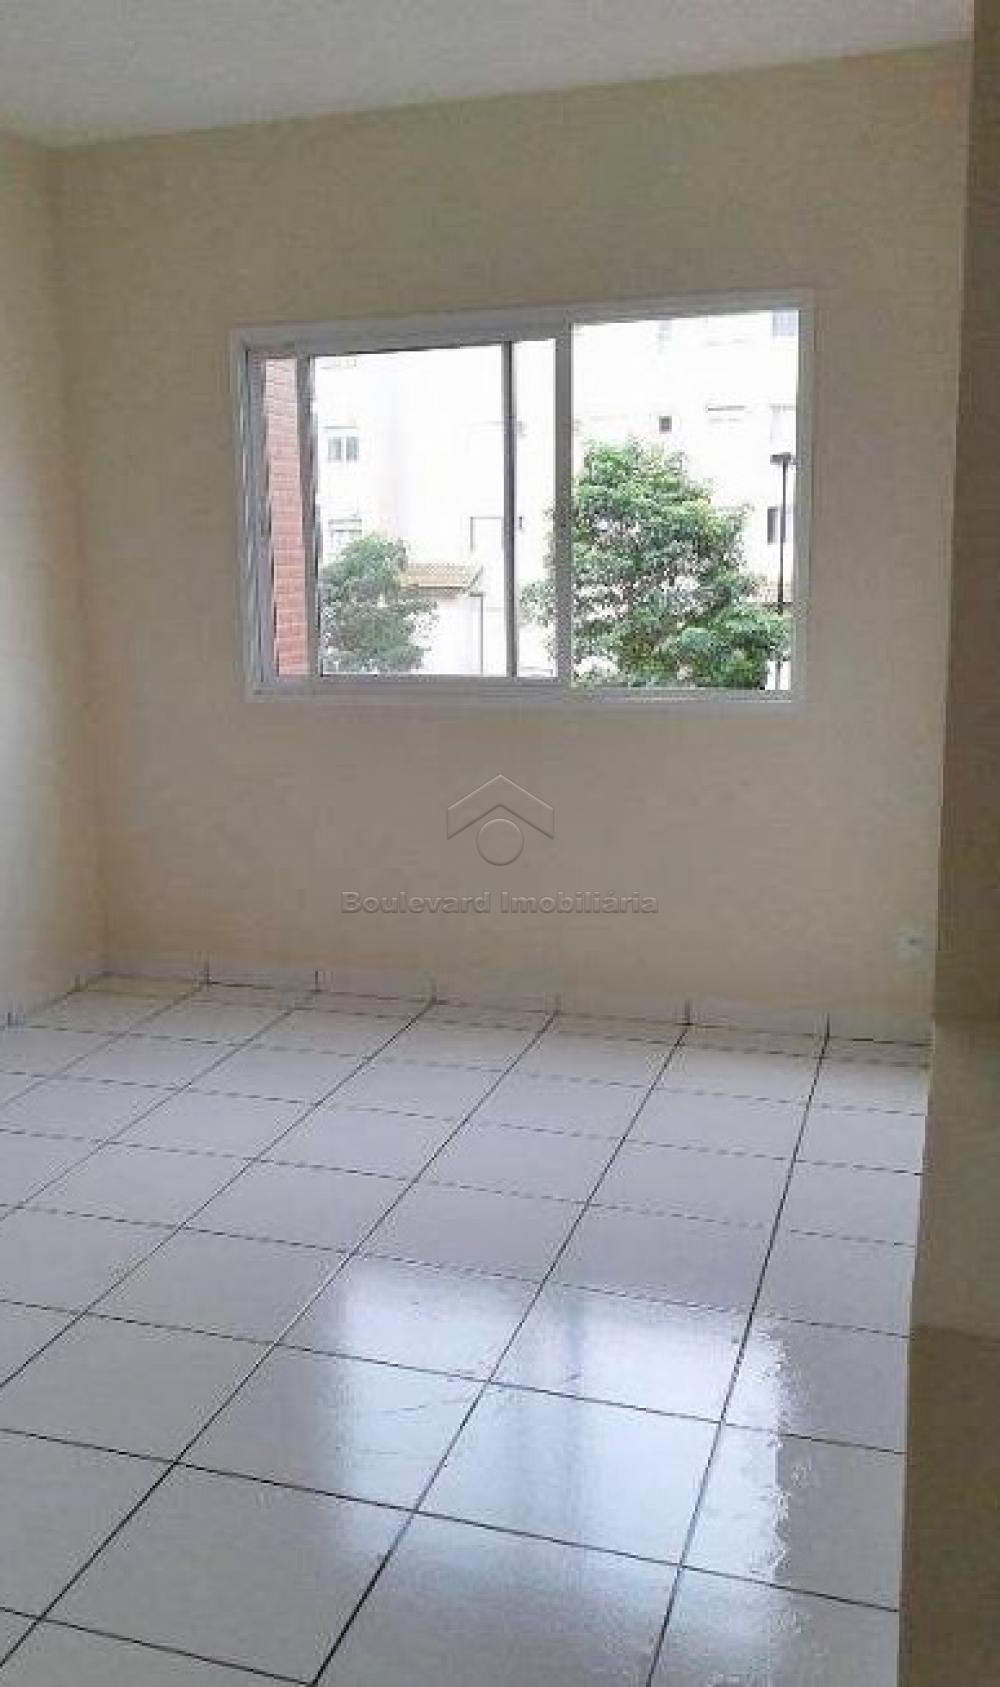 Alugar Apartamento / Padrão em Ribeirão Preto R$ 1.260,00 - Foto 3